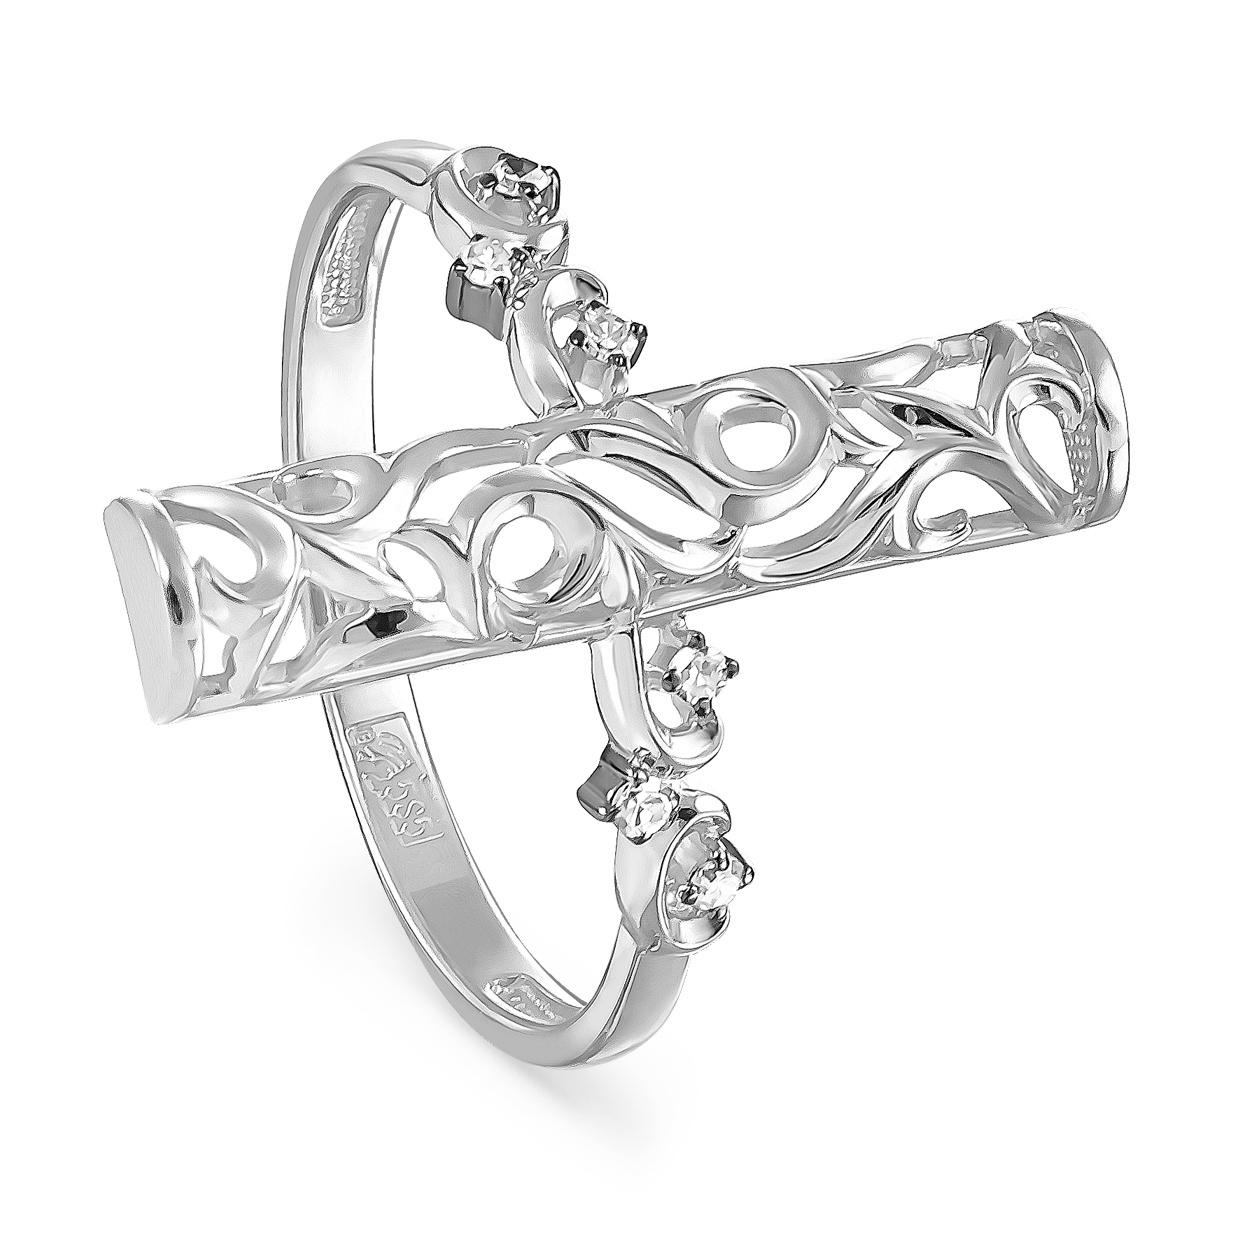 Кольцо из белого золота Бриллиант арт. 11-11091-1000 11-11091-1000